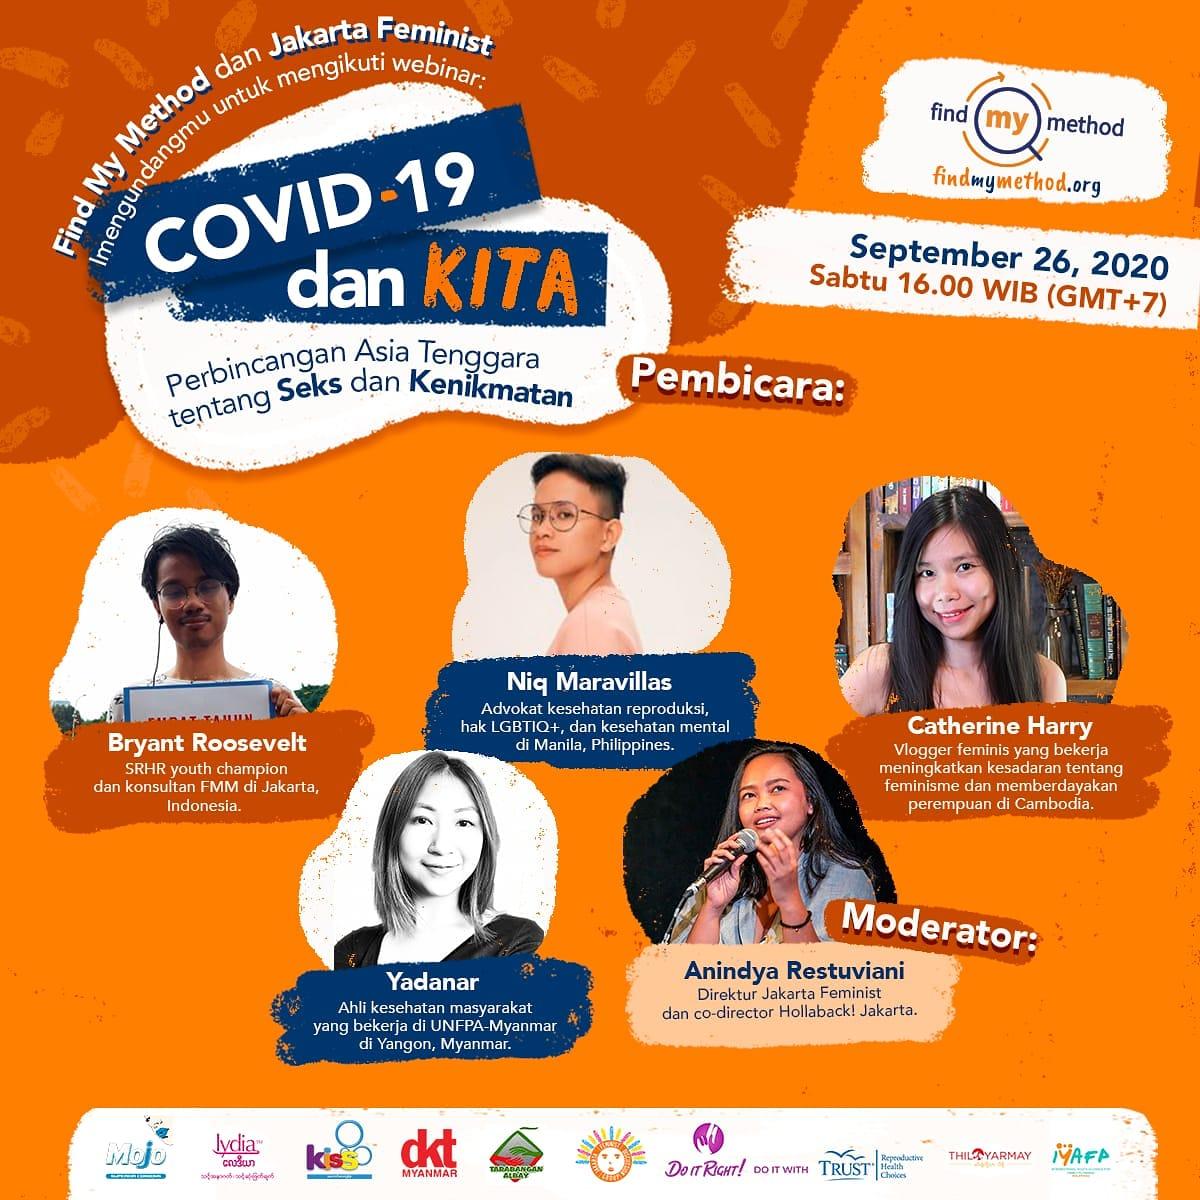 Bagaimana pandemi COVID-19 telah mempengaruhi kesehatan seksual di Asia Tenggara? Yuk ikut perbincangan seru ini, dengan pembicara dari Indonesia, Malaysia, Filipina, dan Kamboja!   Hari : Sabtu, 26 Sep 2020 Jam :16.00 WIB  Jangan lupa registrasi di https://t.co/PPOXn21YZJ ya! 😊 https://t.co/DVNQxKNi1k